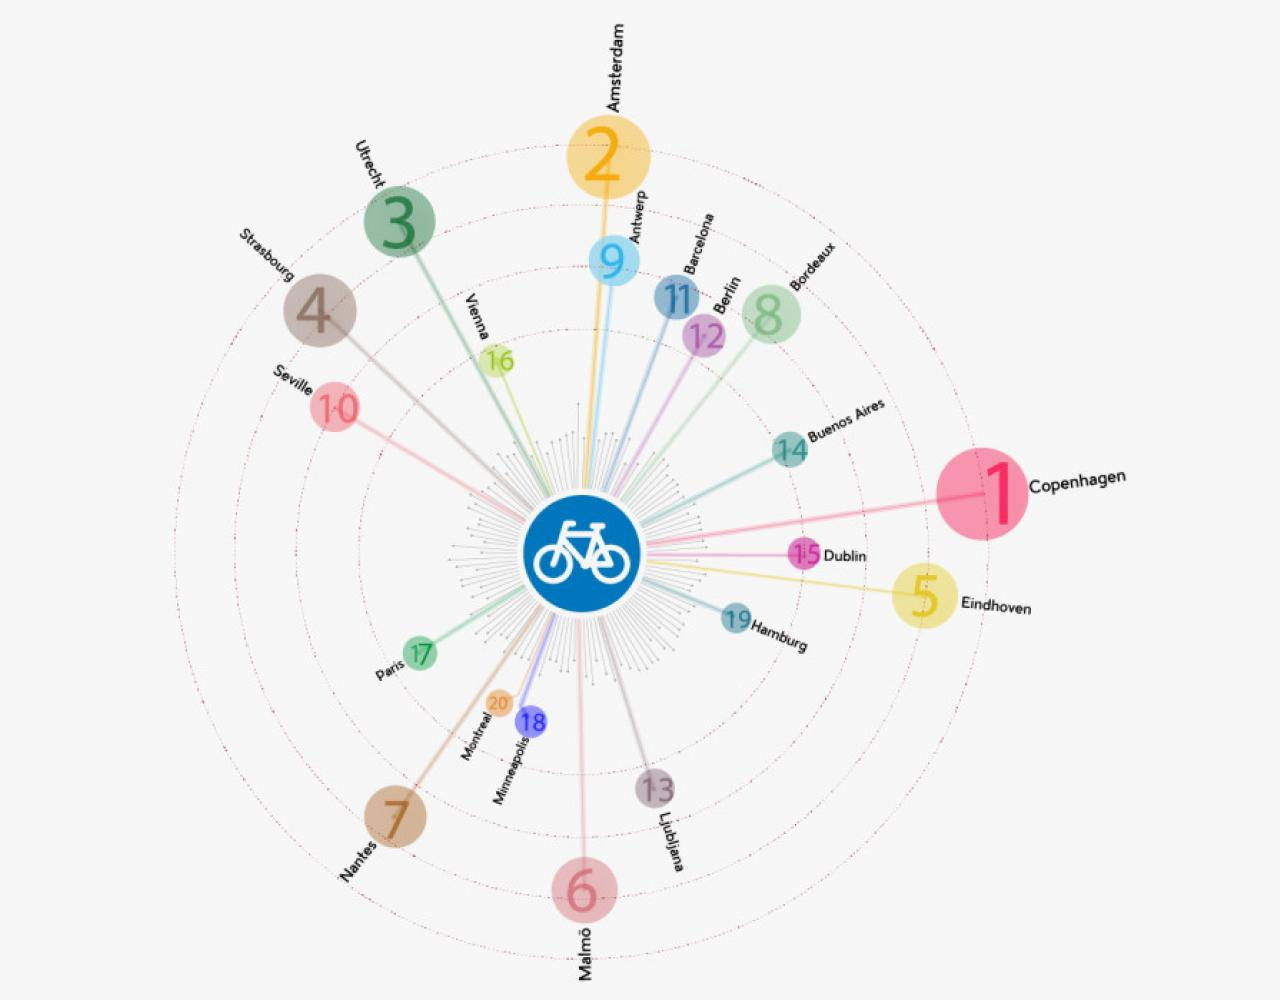 Copenhagenize Index 2015